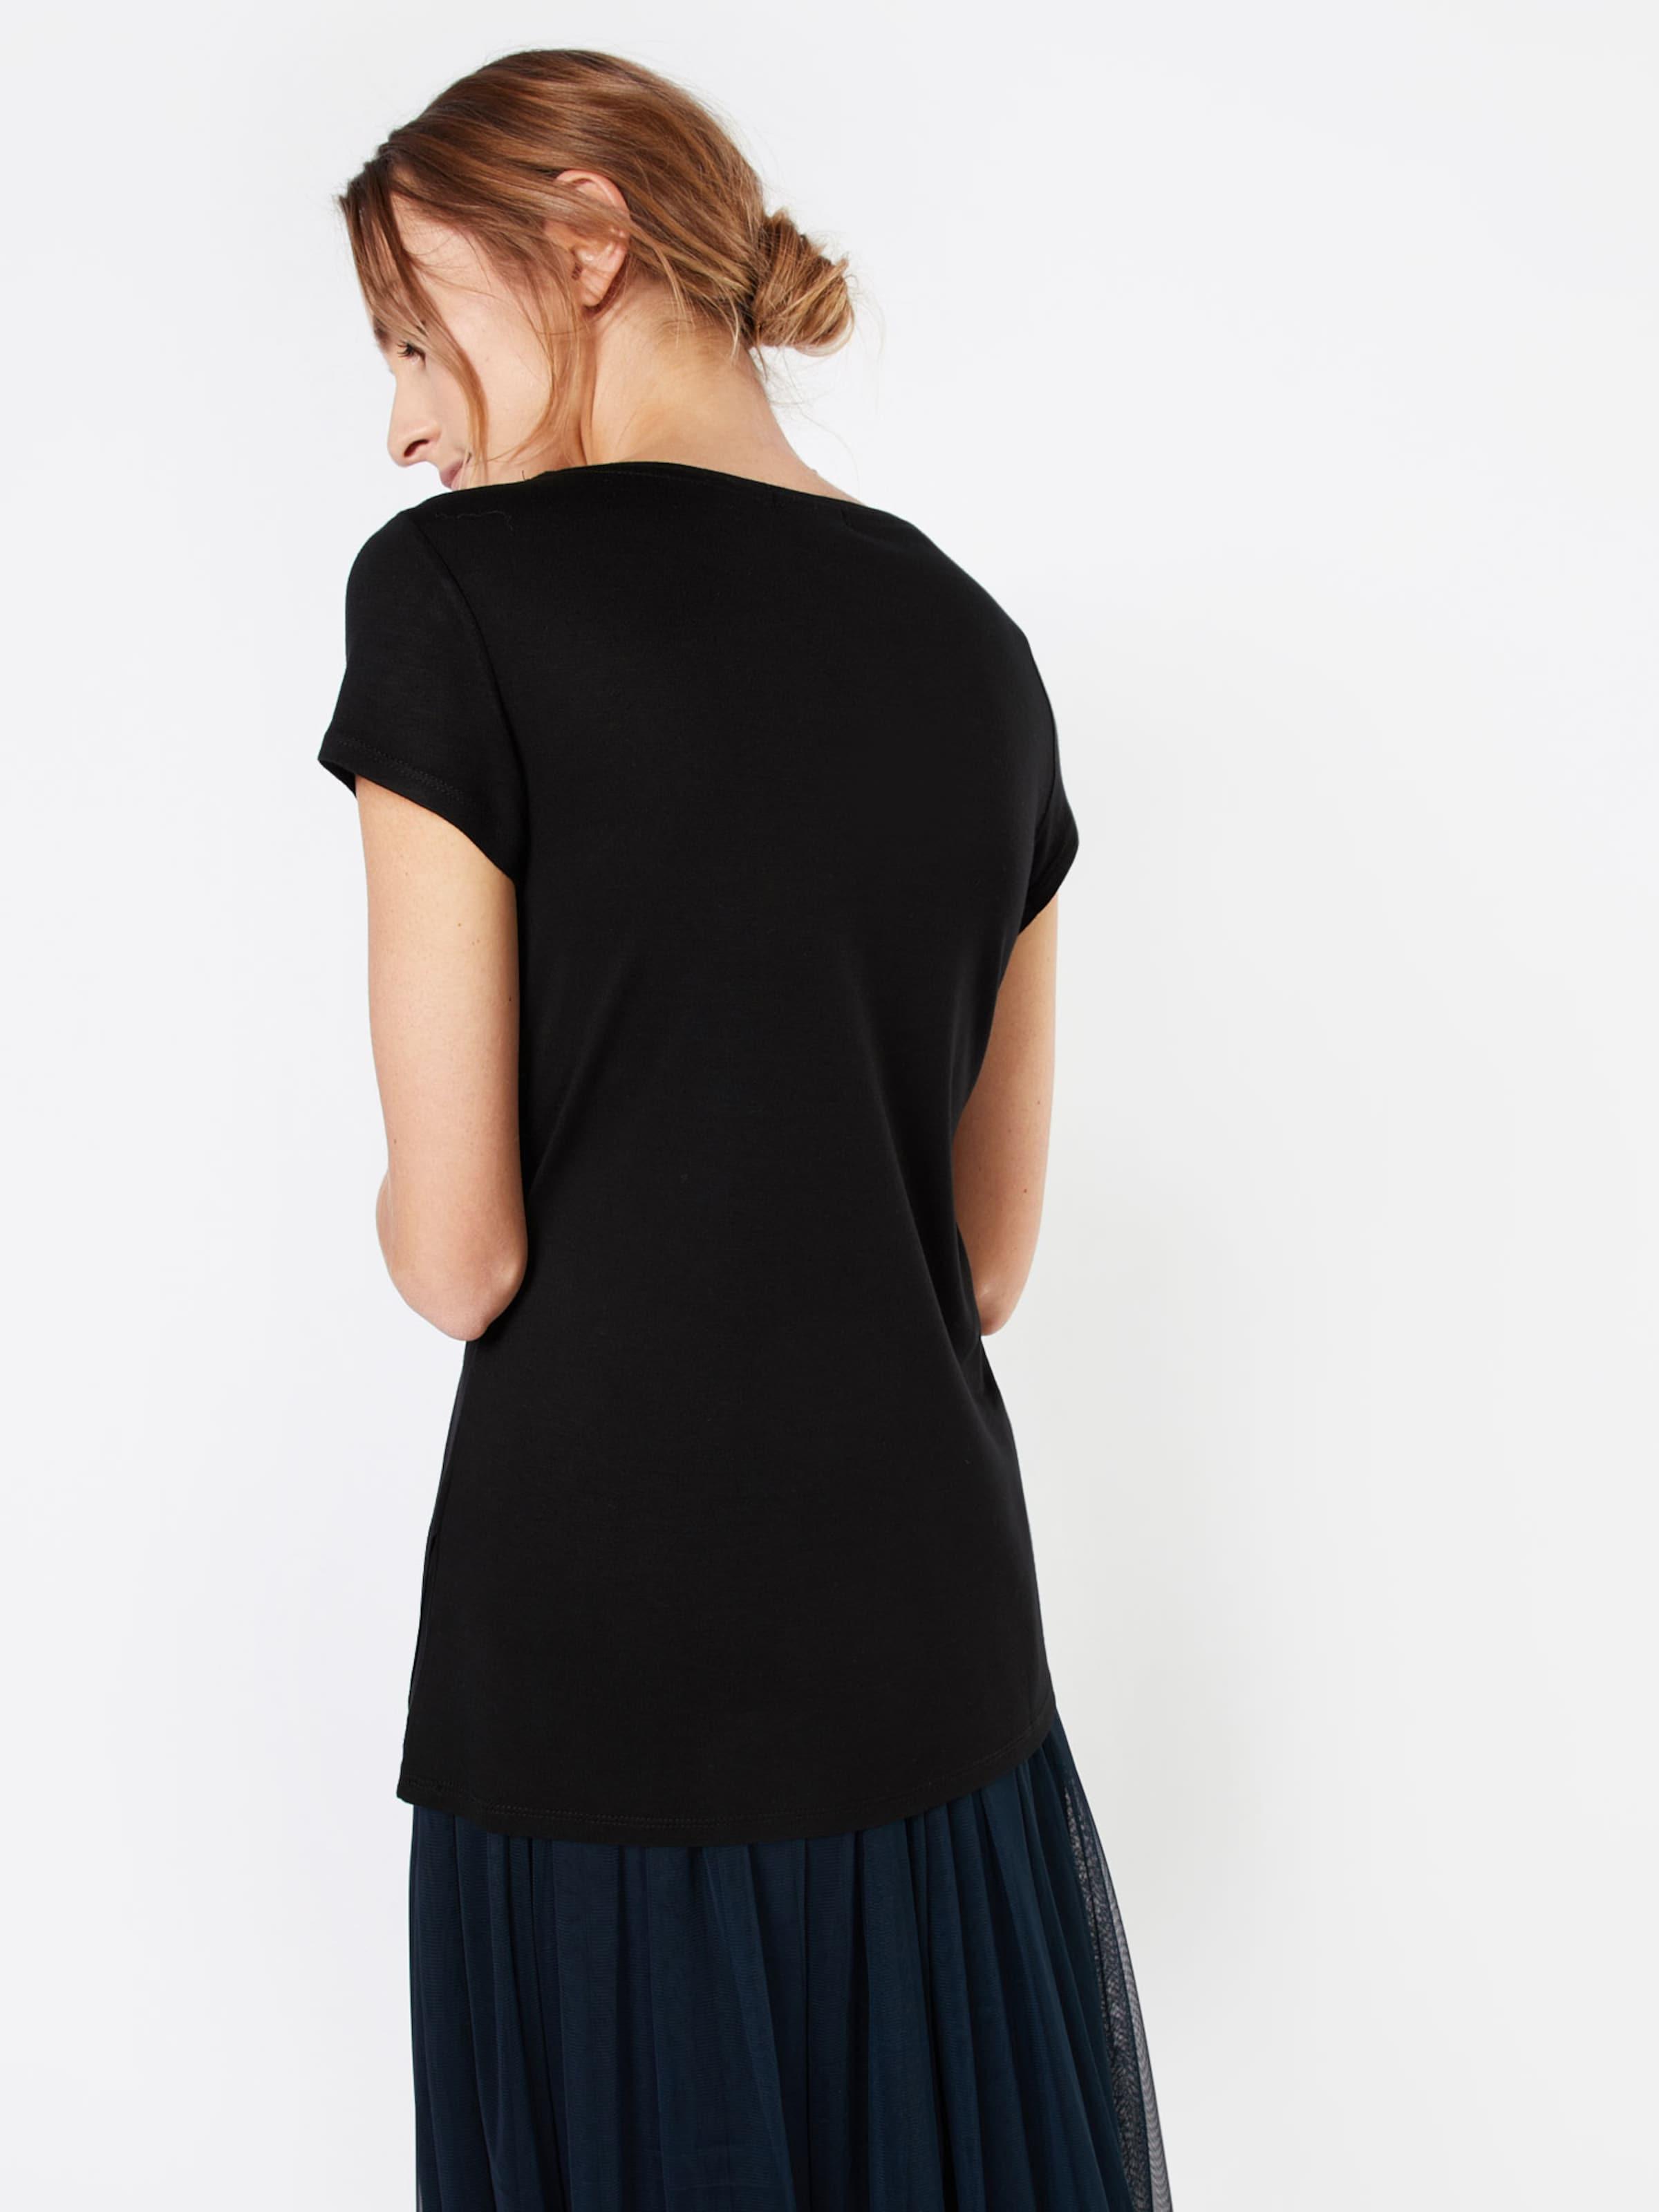 ESPRIT T-shirt 'Sequin' Exklusiver Günstiger Preis Vorbestellung Online Großer Verkauf Verkauf Online Klassisch Jj9GaUJG